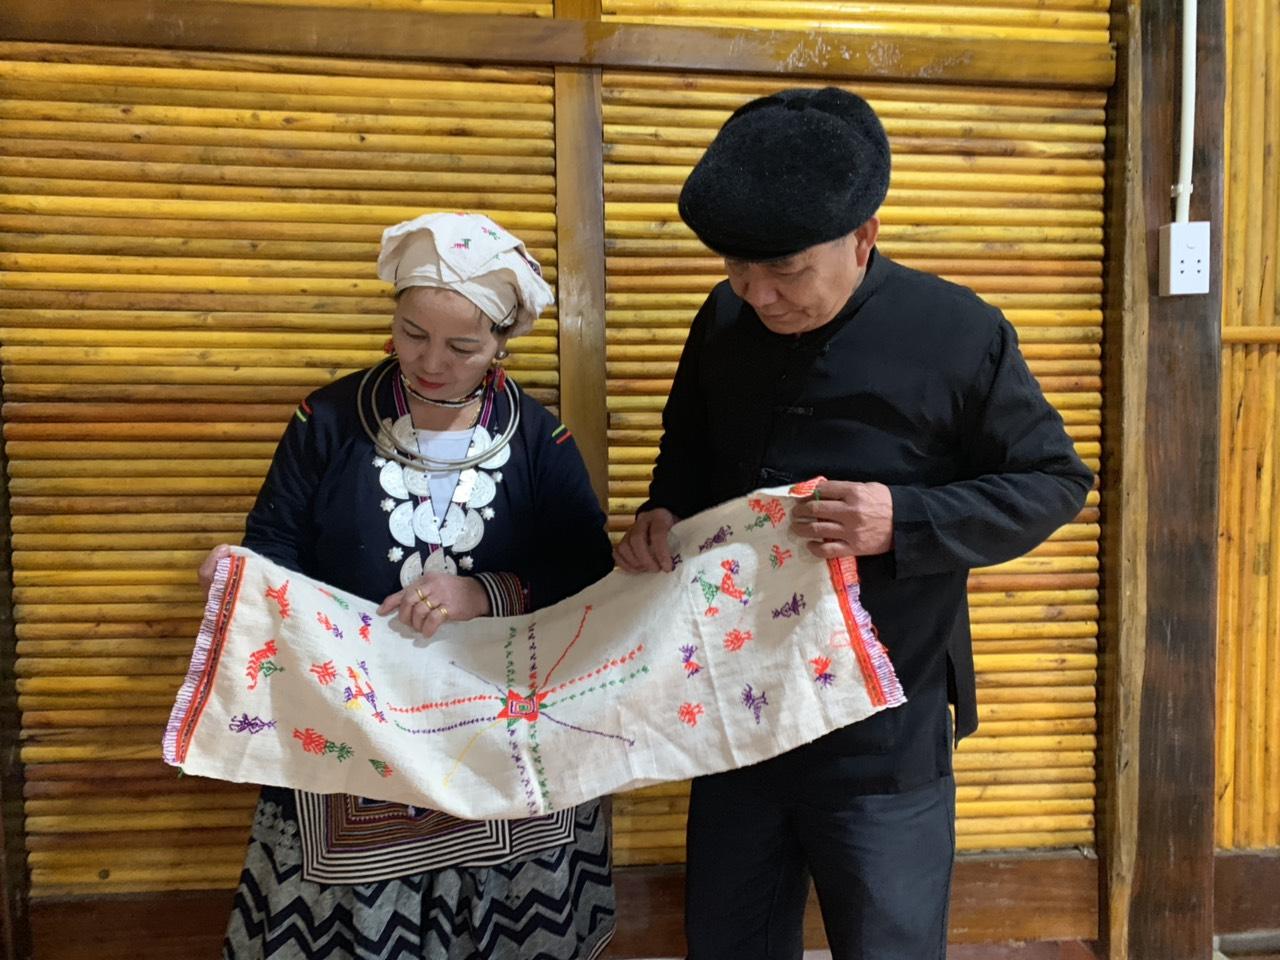 Ông Bàn Văn Minh cùng vợ giới thiệu về khăn tơ hồng của ng Dao Trung Hà Chiêm Hóa